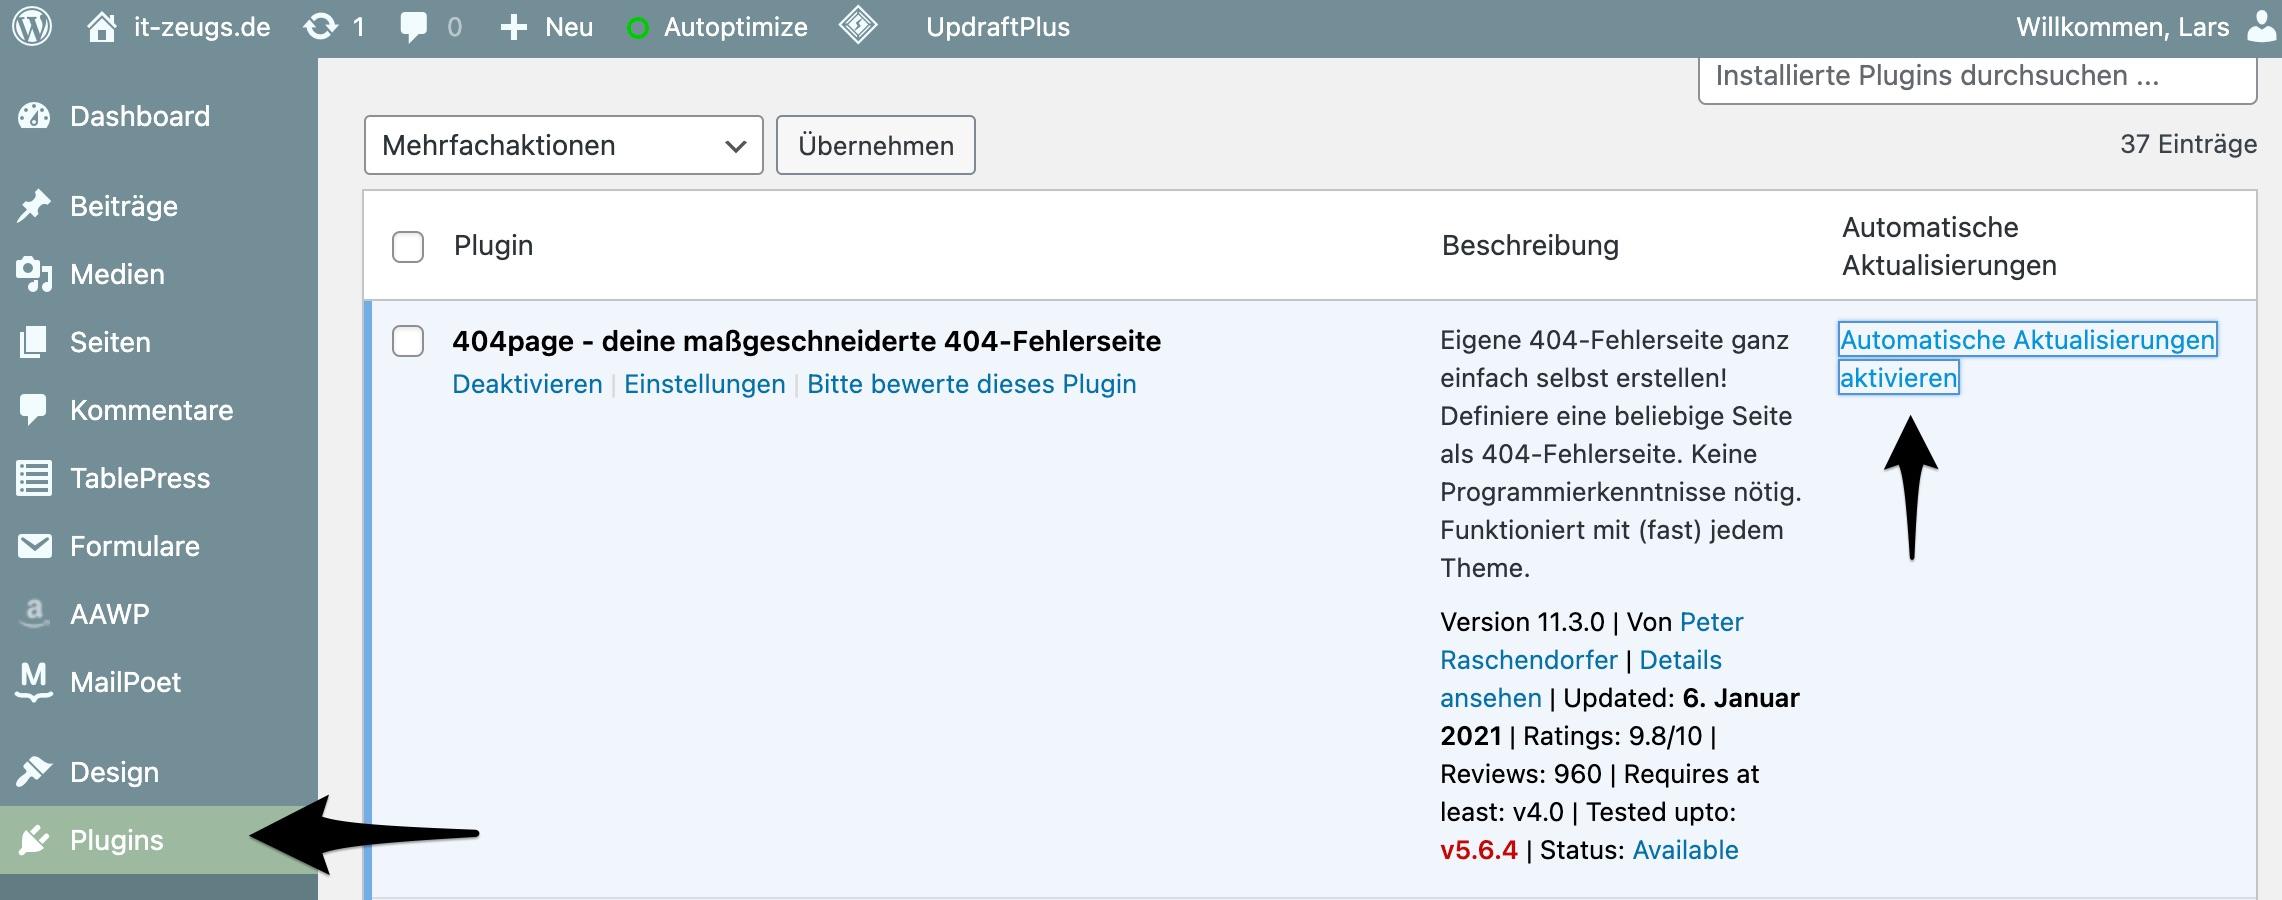 wordpress-plugins-automatische-aktualisierung